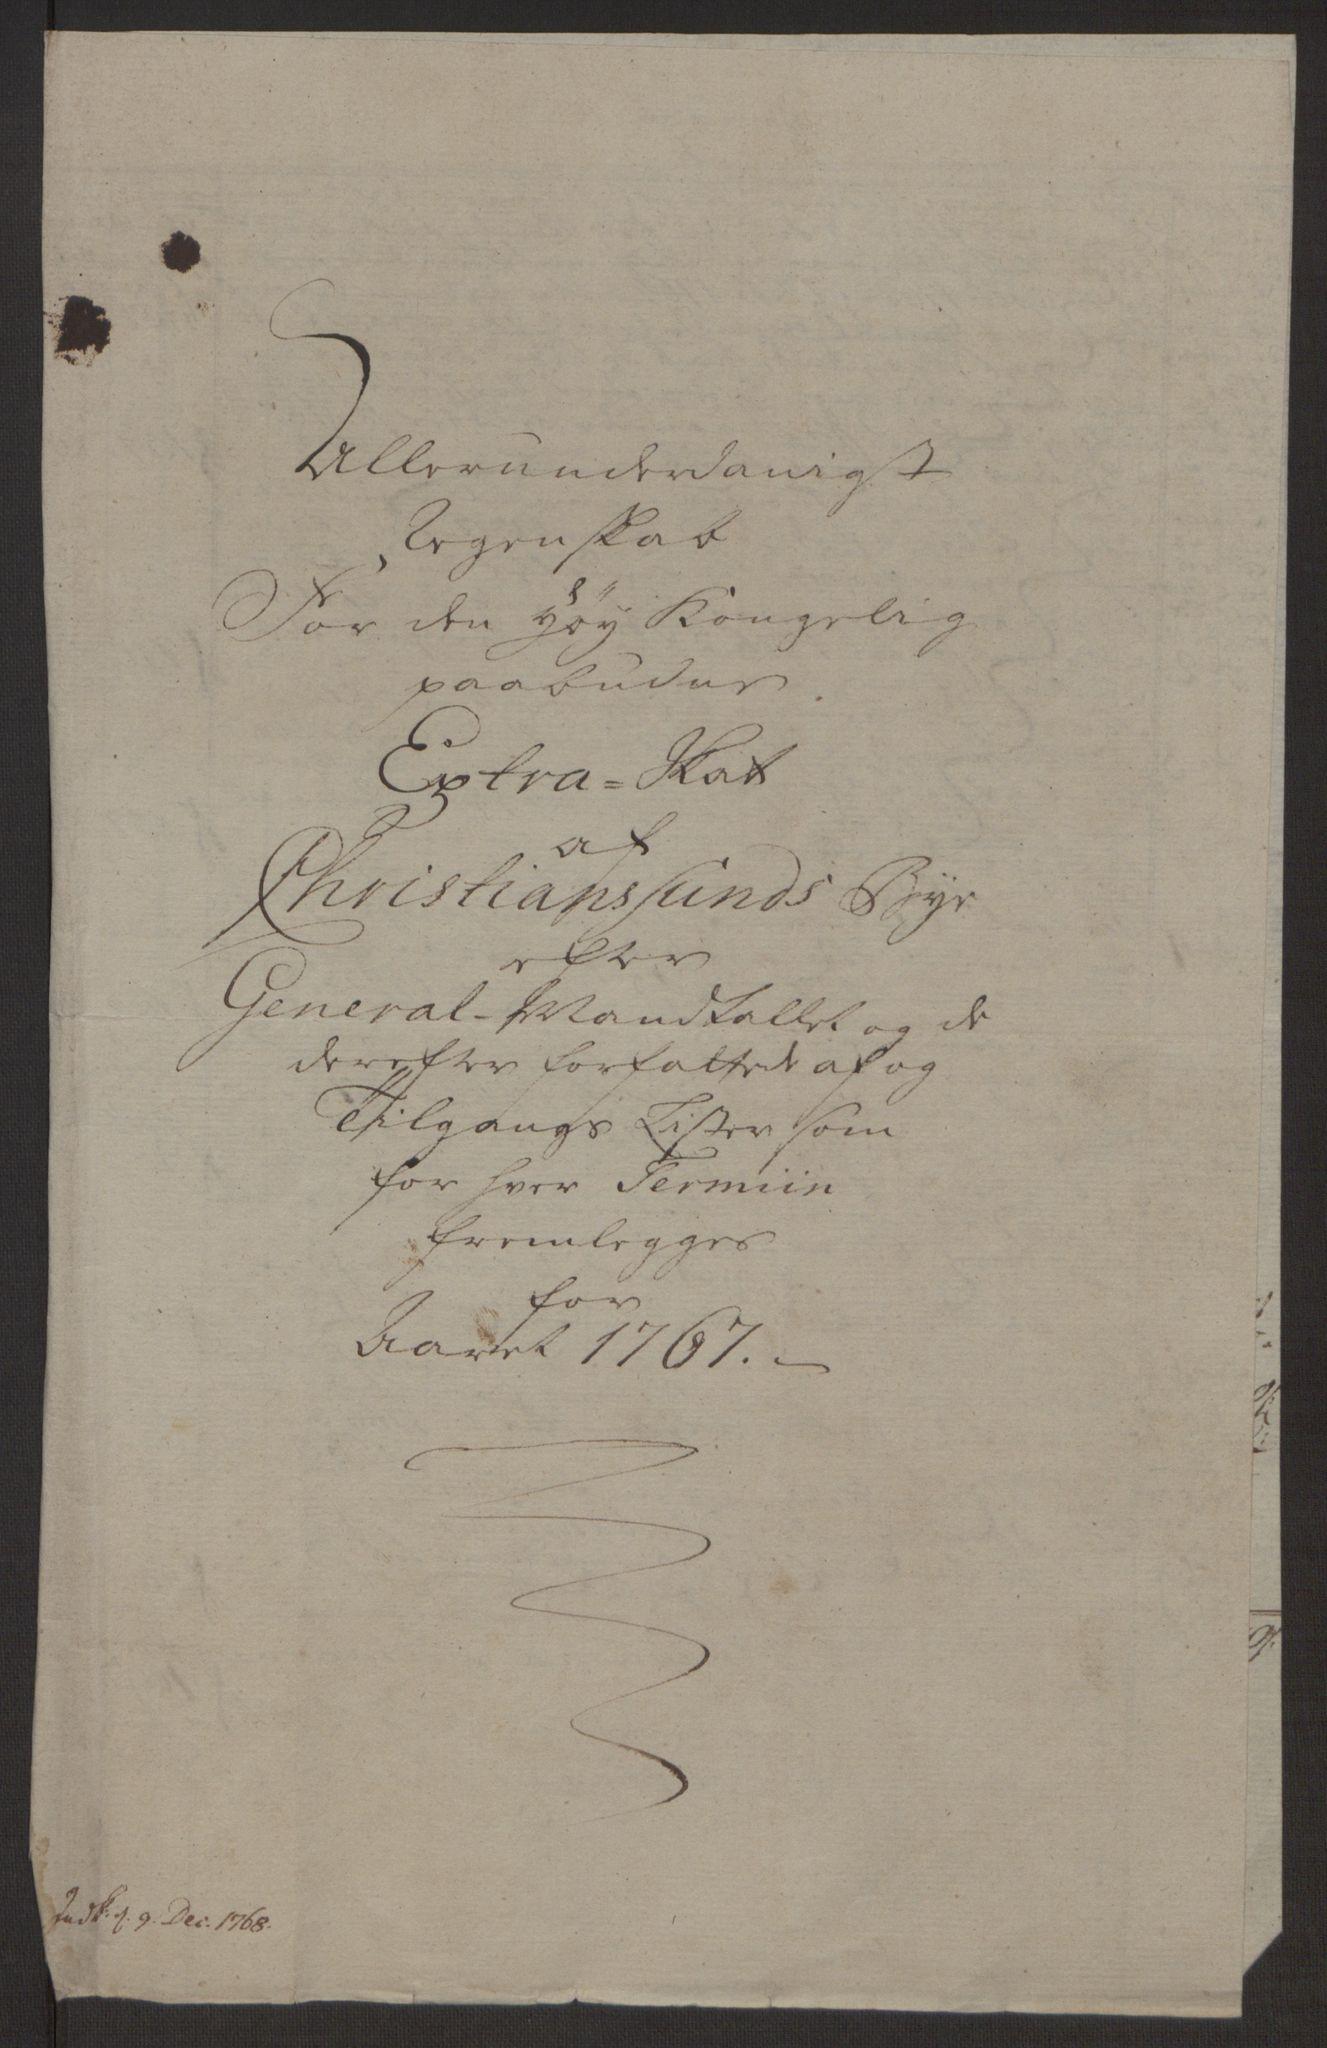 RA, Rentekammeret inntil 1814, Reviderte regnskaper, Byregnskaper, R/Rr/L0495: [R1] Kontribusjonsregnskap, 1762-1772, s. 130